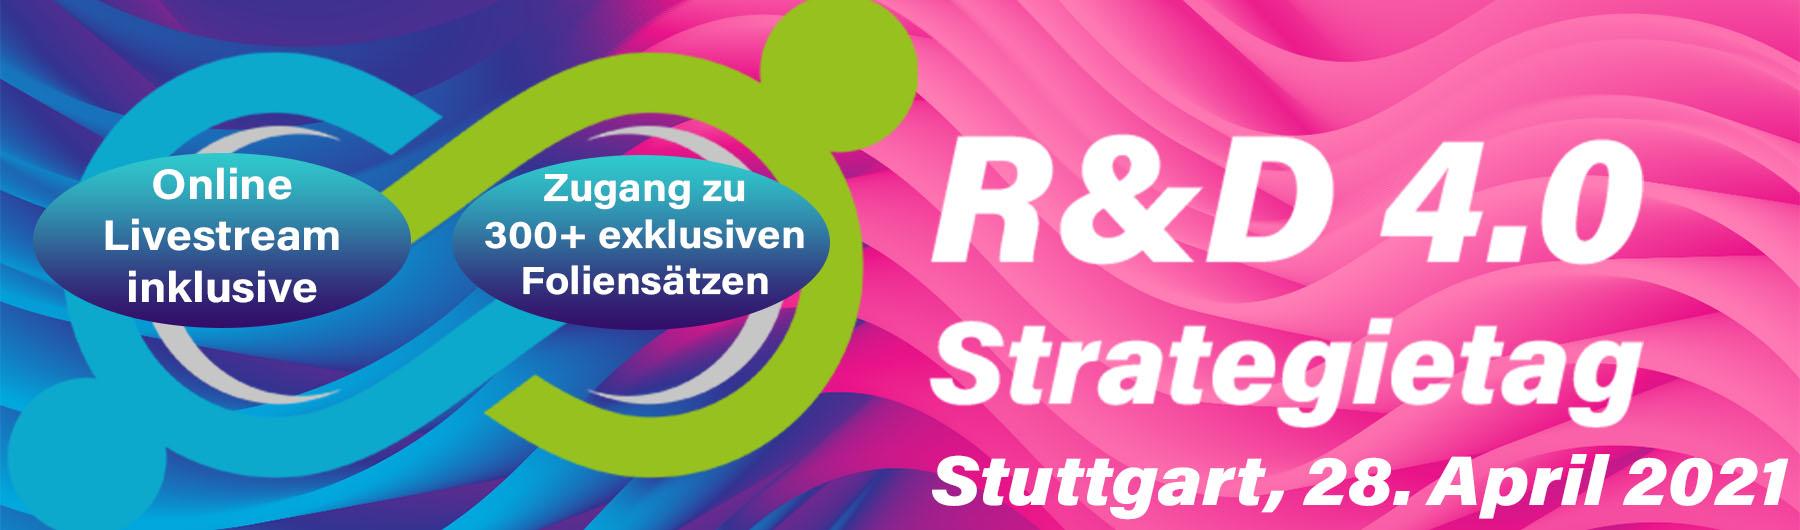 R&D 4.0 Strategietag